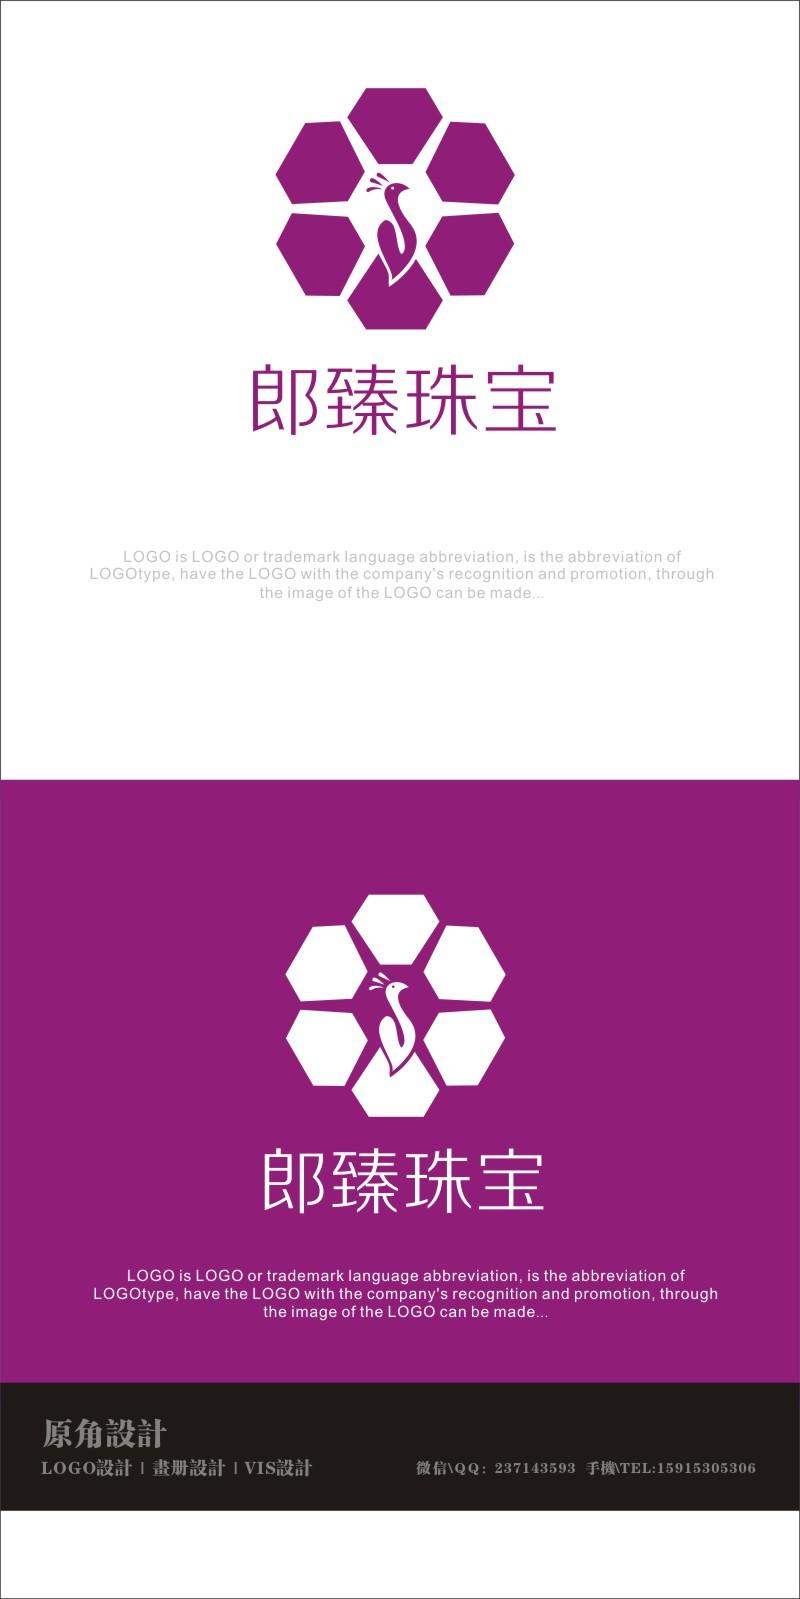 珠宝品牌logo设计_logo设计_商标/vi设计_一品威客网图片